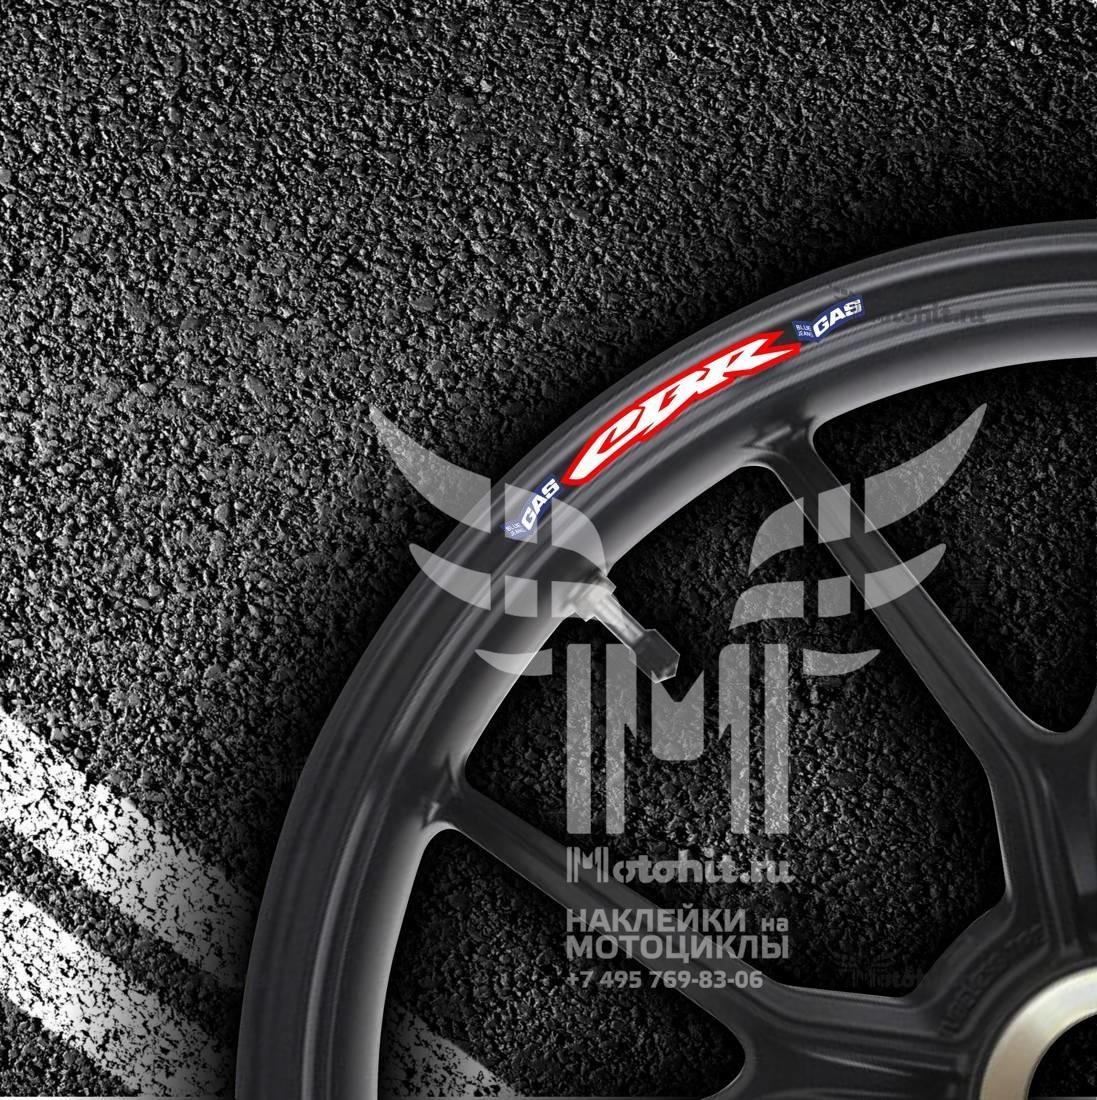 Комплект наклеек на обод колеса мотоцикла HONDA CBR-GAS